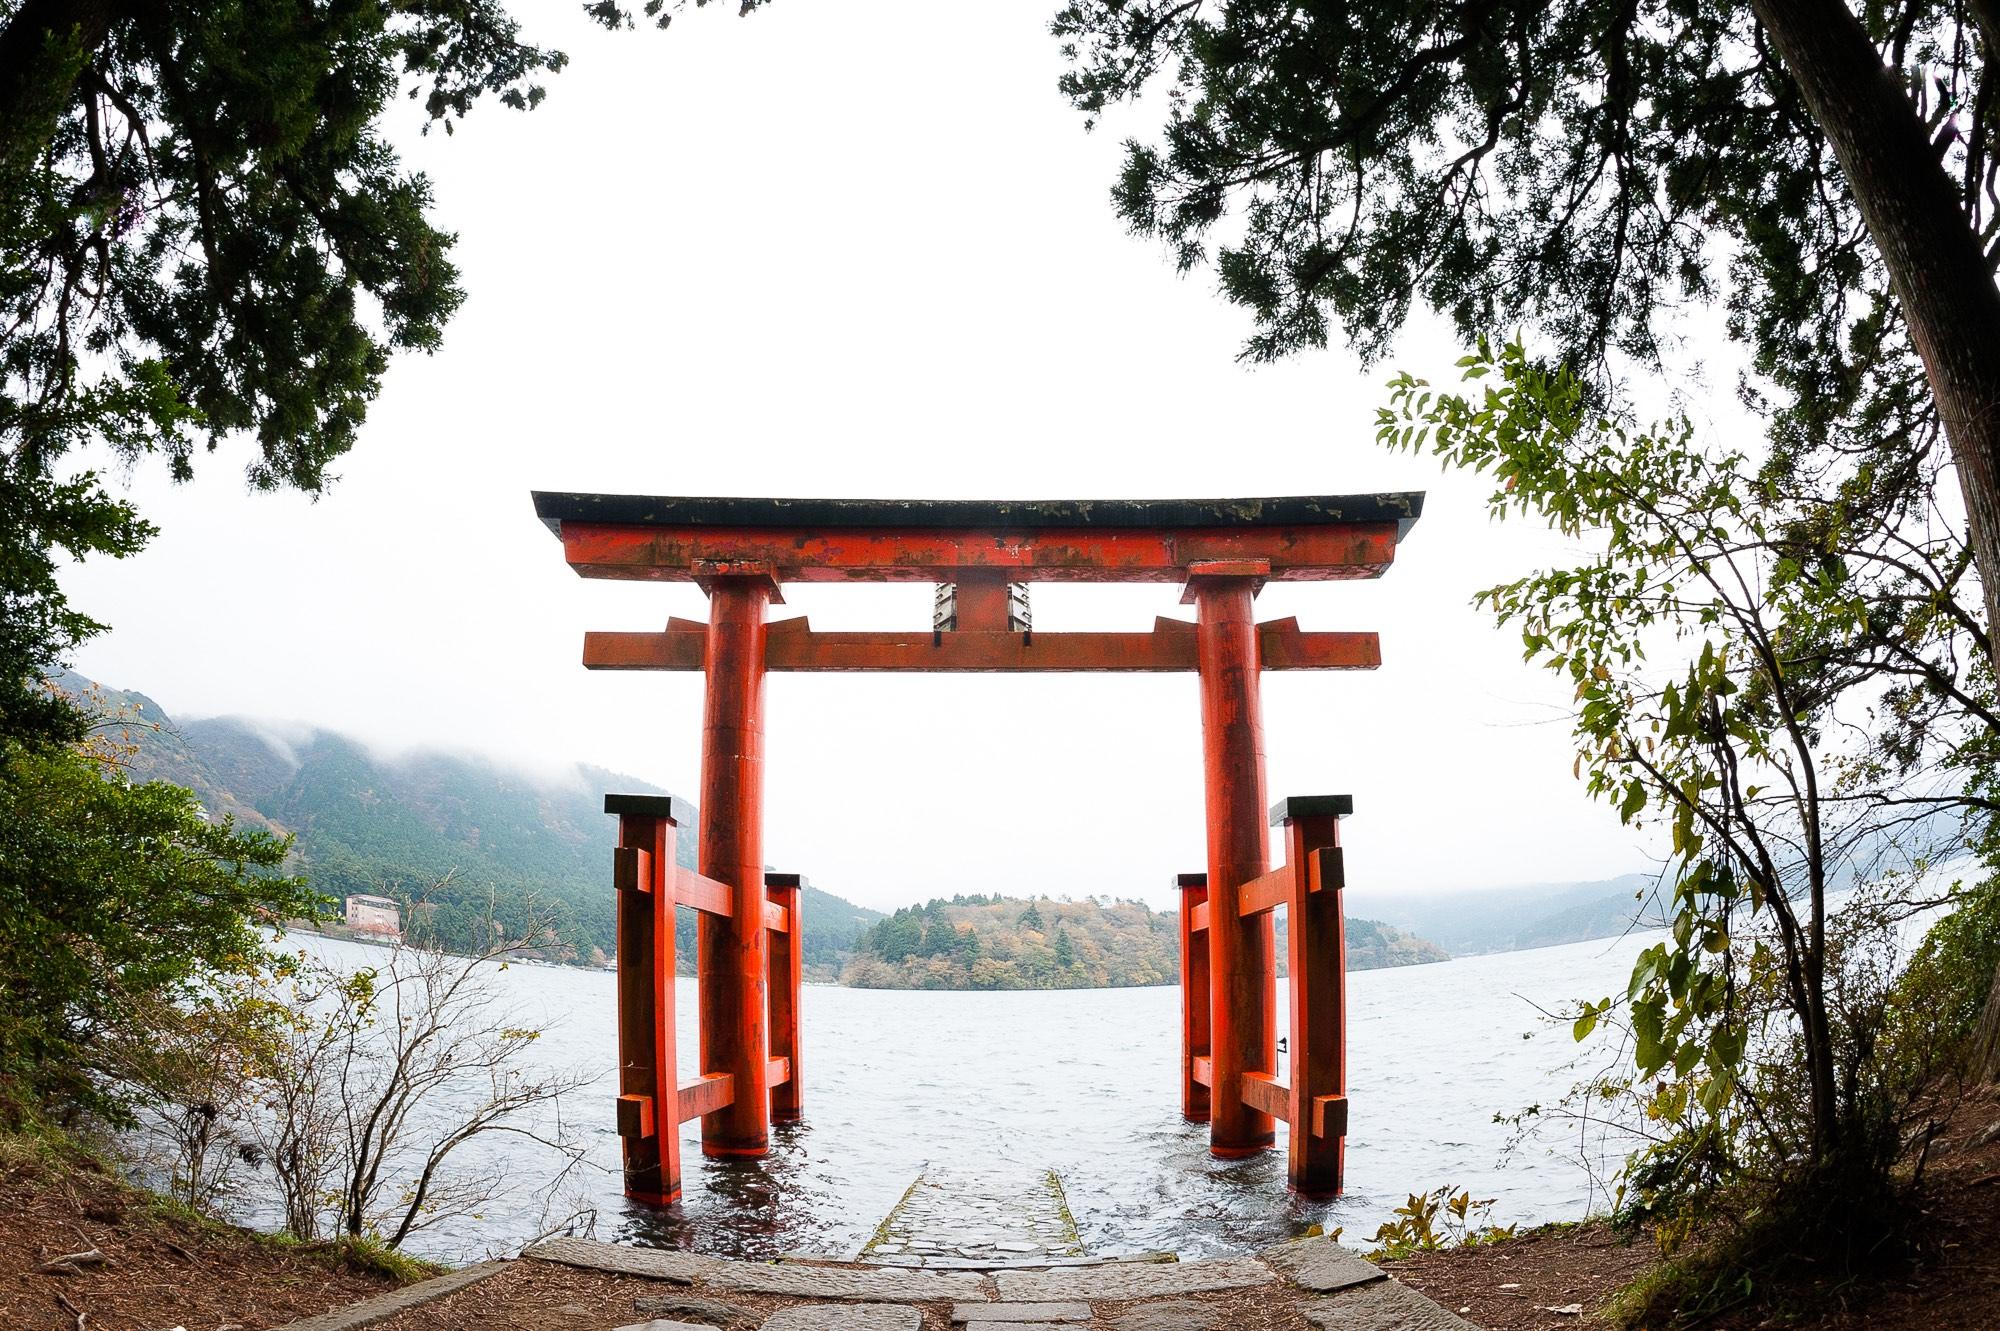 Hakone Shrine entrance at Lake Ashi, Kanagawa.